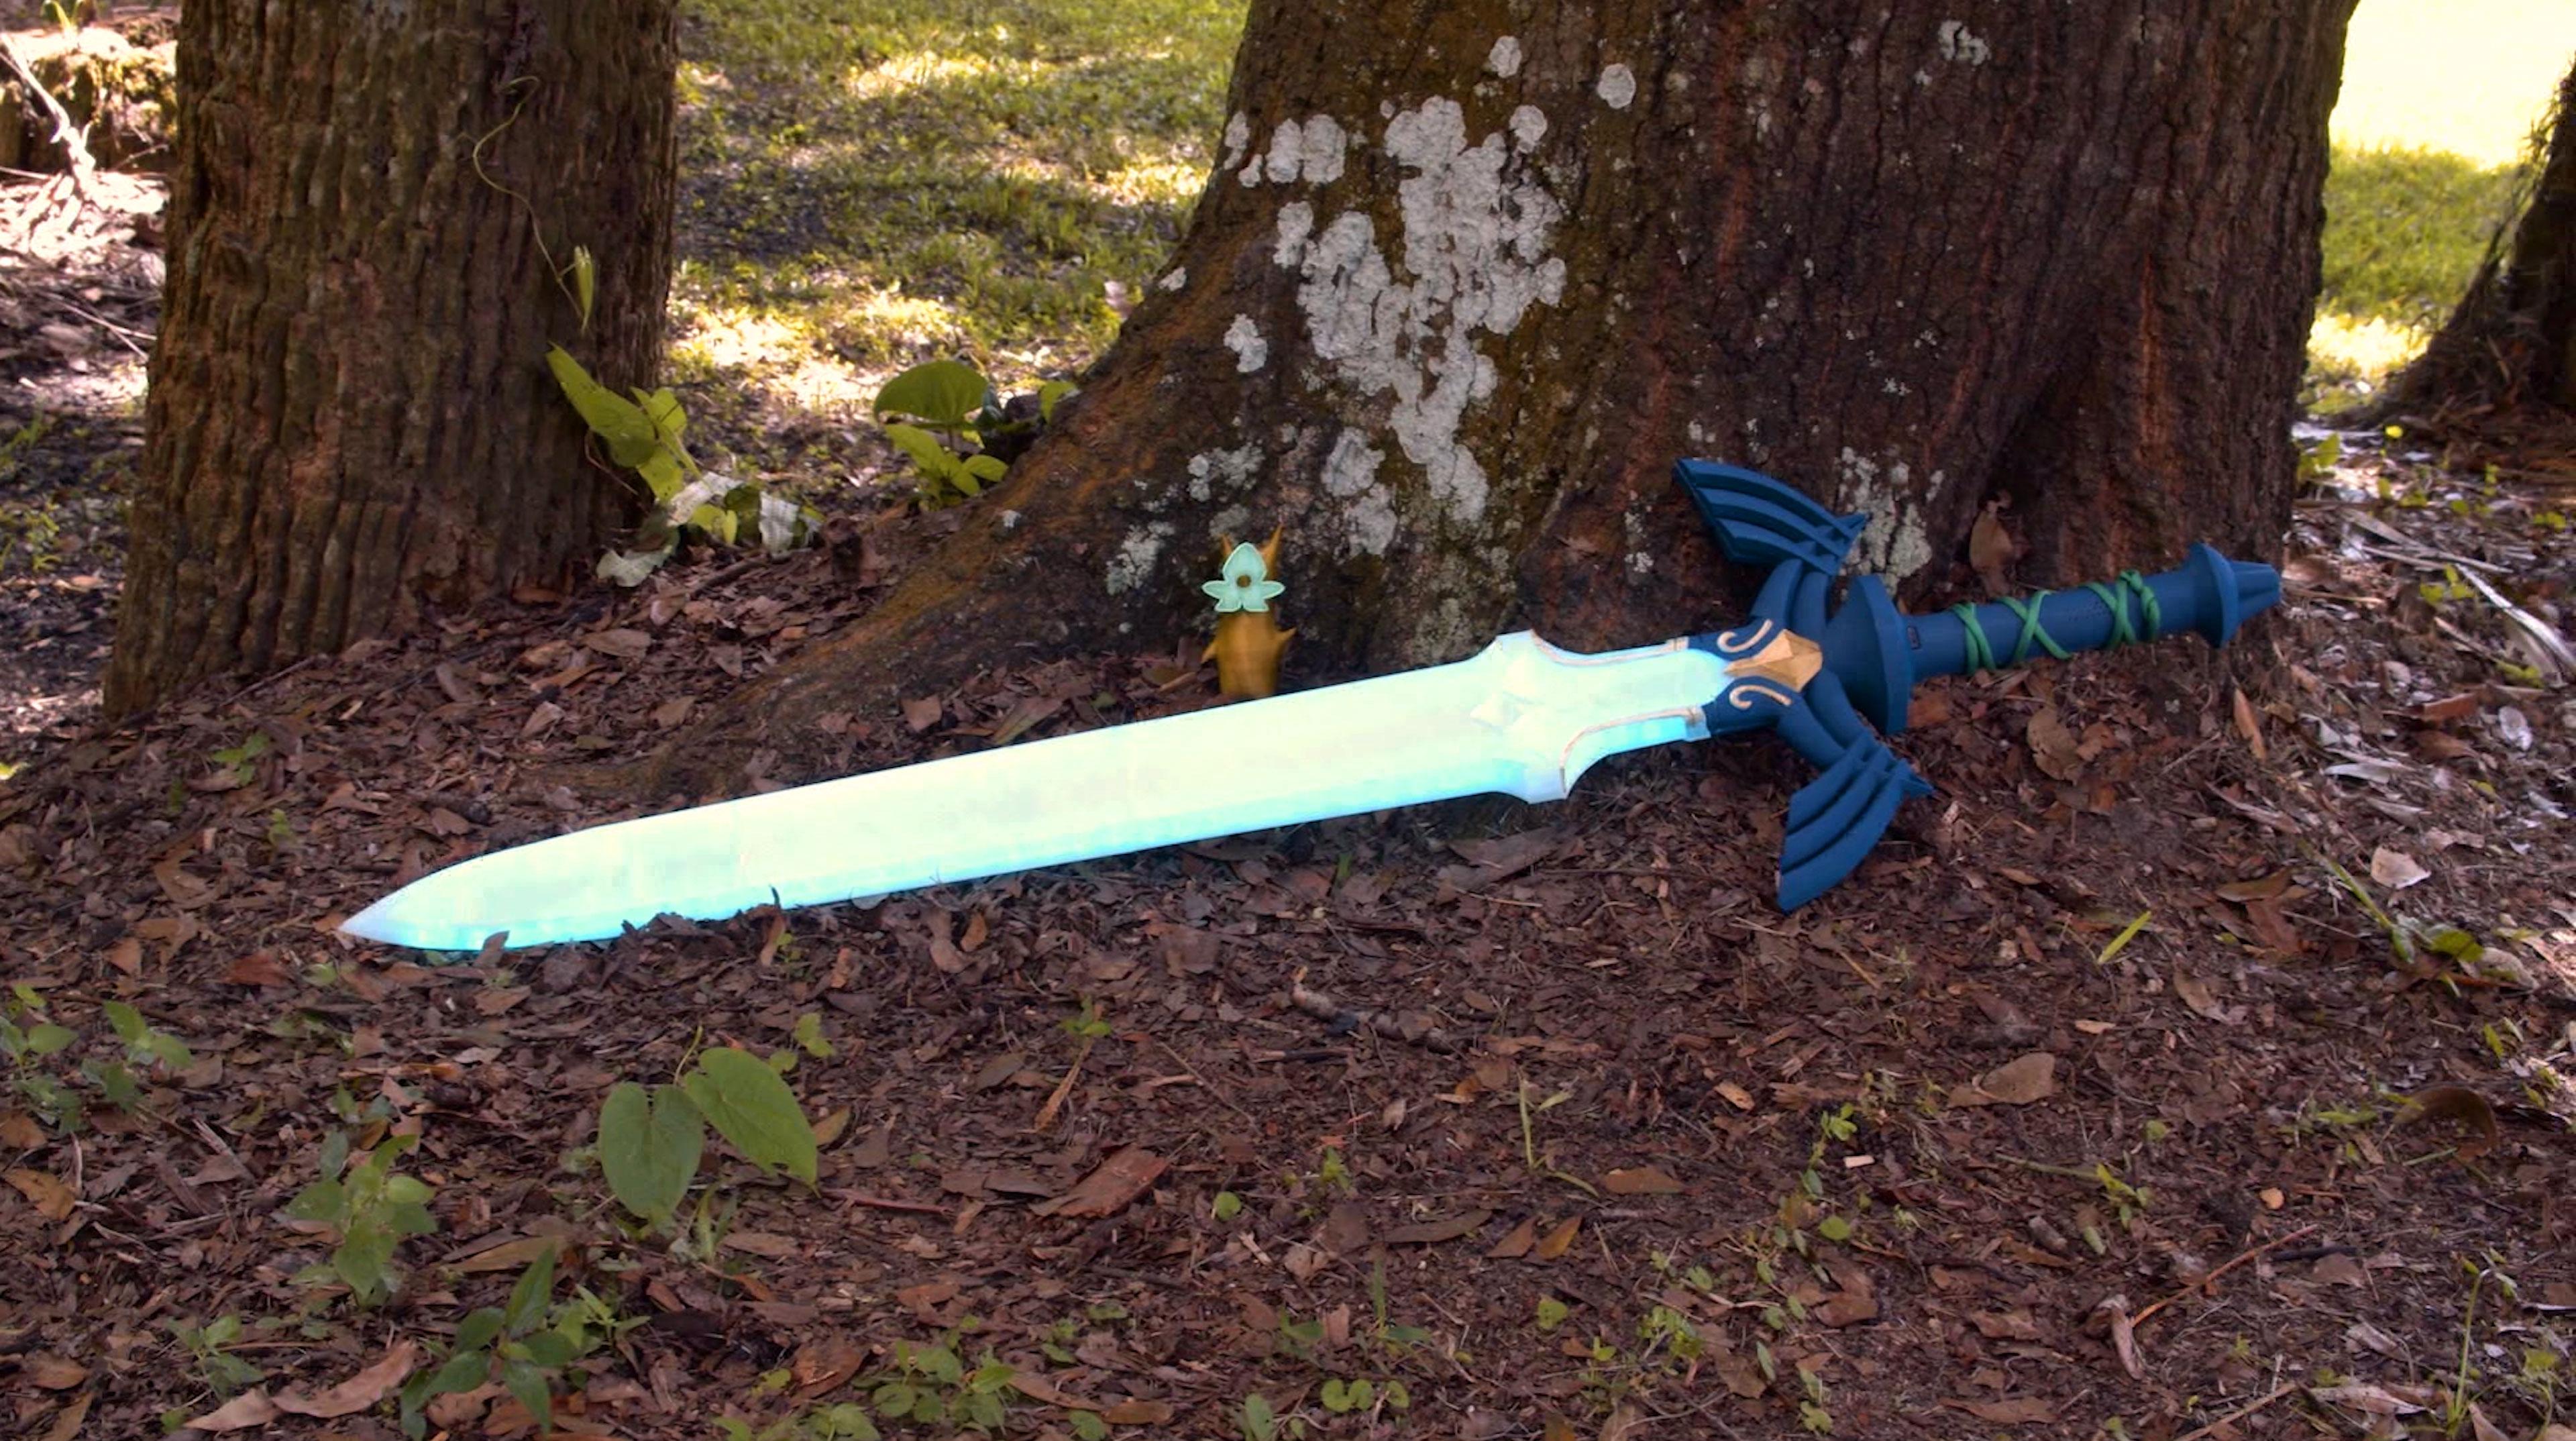 3d_printing_hero-sword-tree.jpg